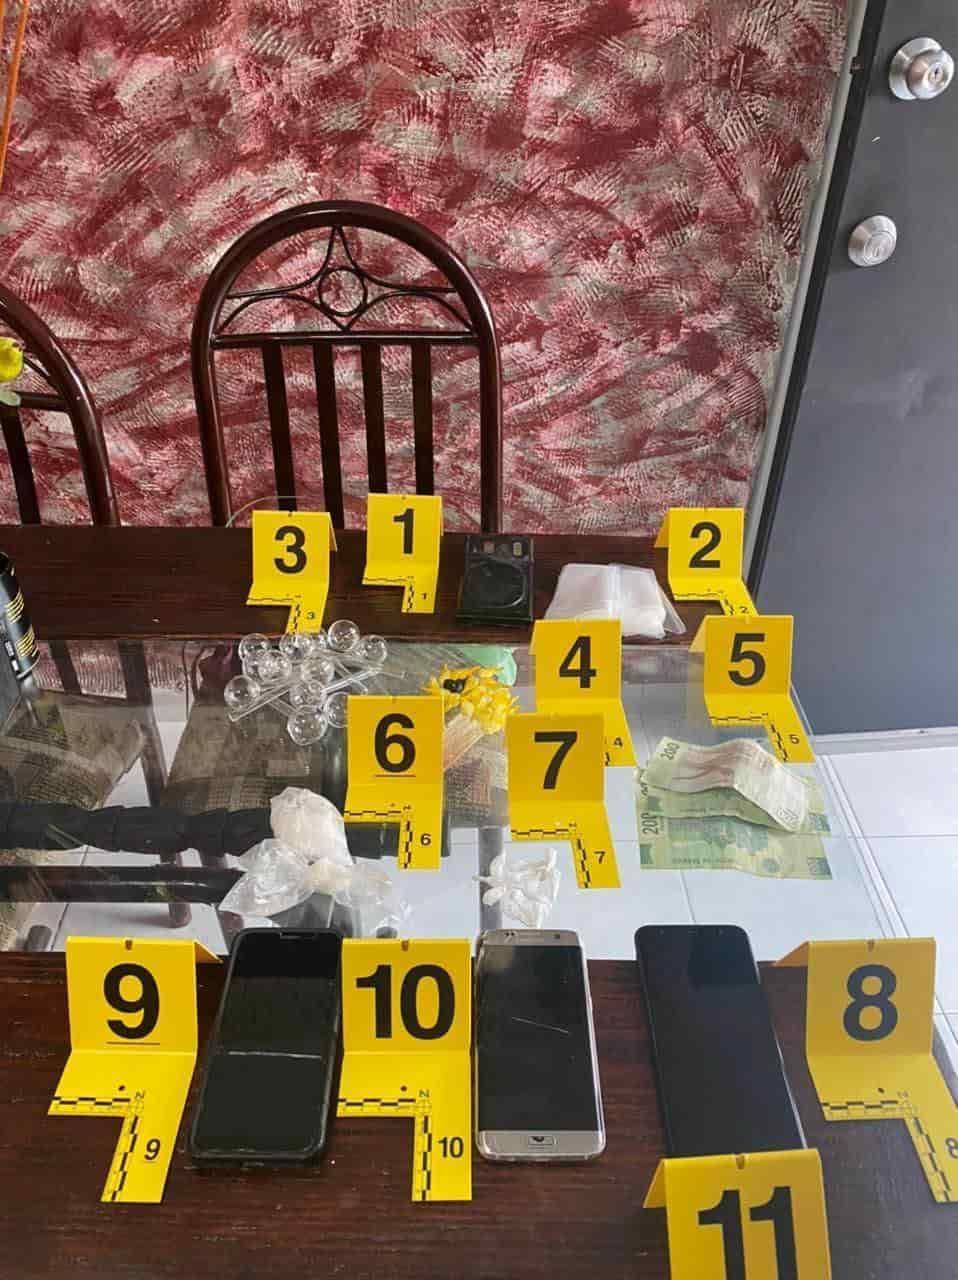 fue detenida una persona y se aseguró droga en el cateo a una casa donde se realizaban actividades de narcomenudeo